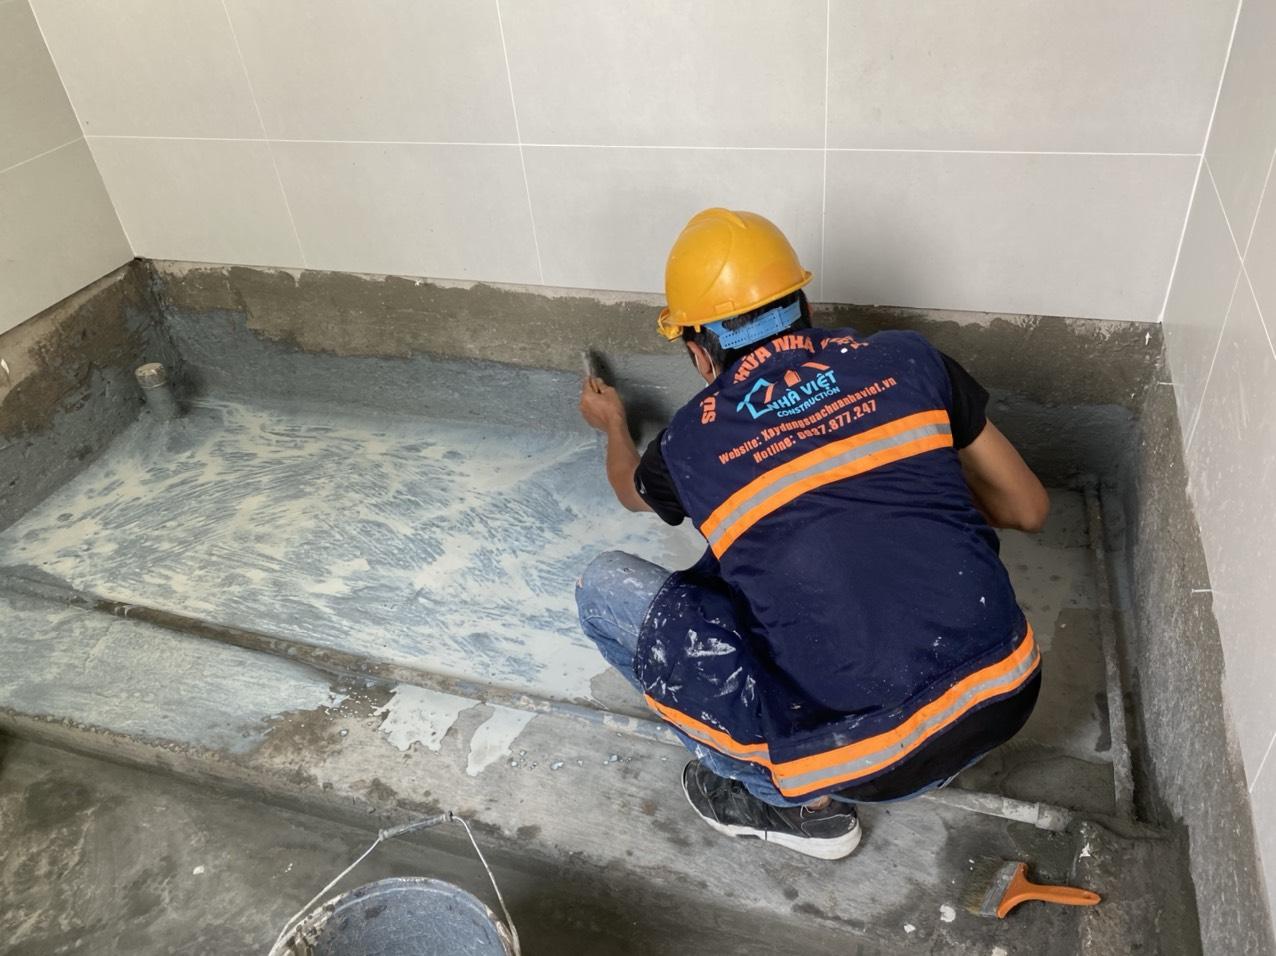 chong tham nha ve sinh tai tphcm 6 - Chống thấm nhà vệ sinh tại TP Hồ Chí Minh triệt để 100%